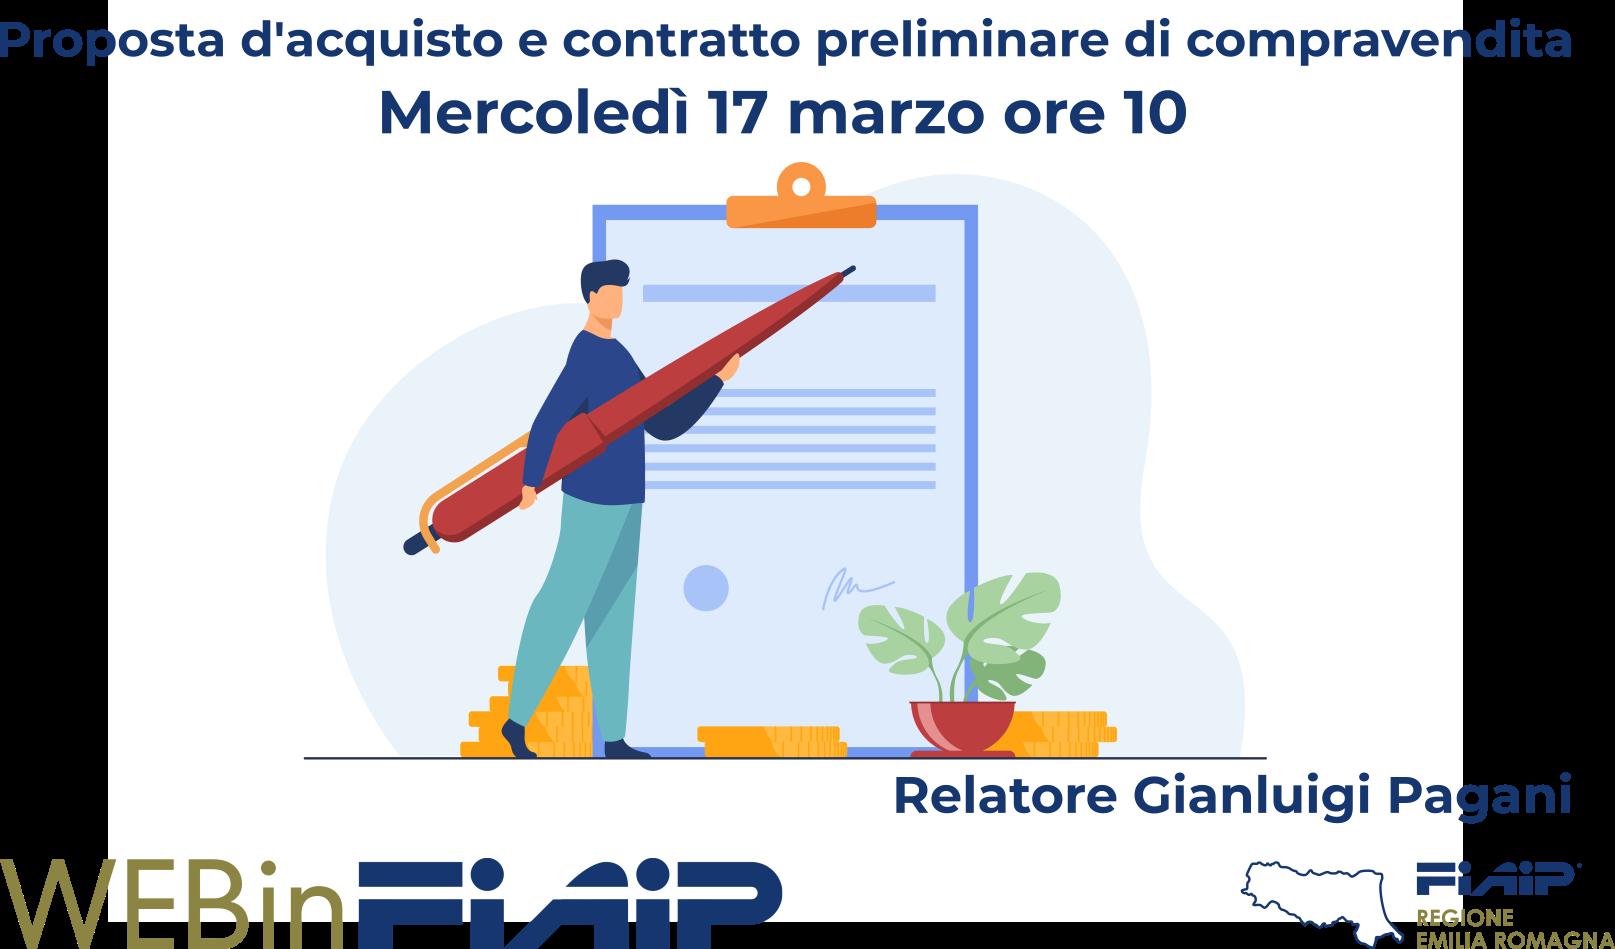 WebinFIAIP Emilia Romagna – Proposta d'acquisto & Preliminare di compravendita